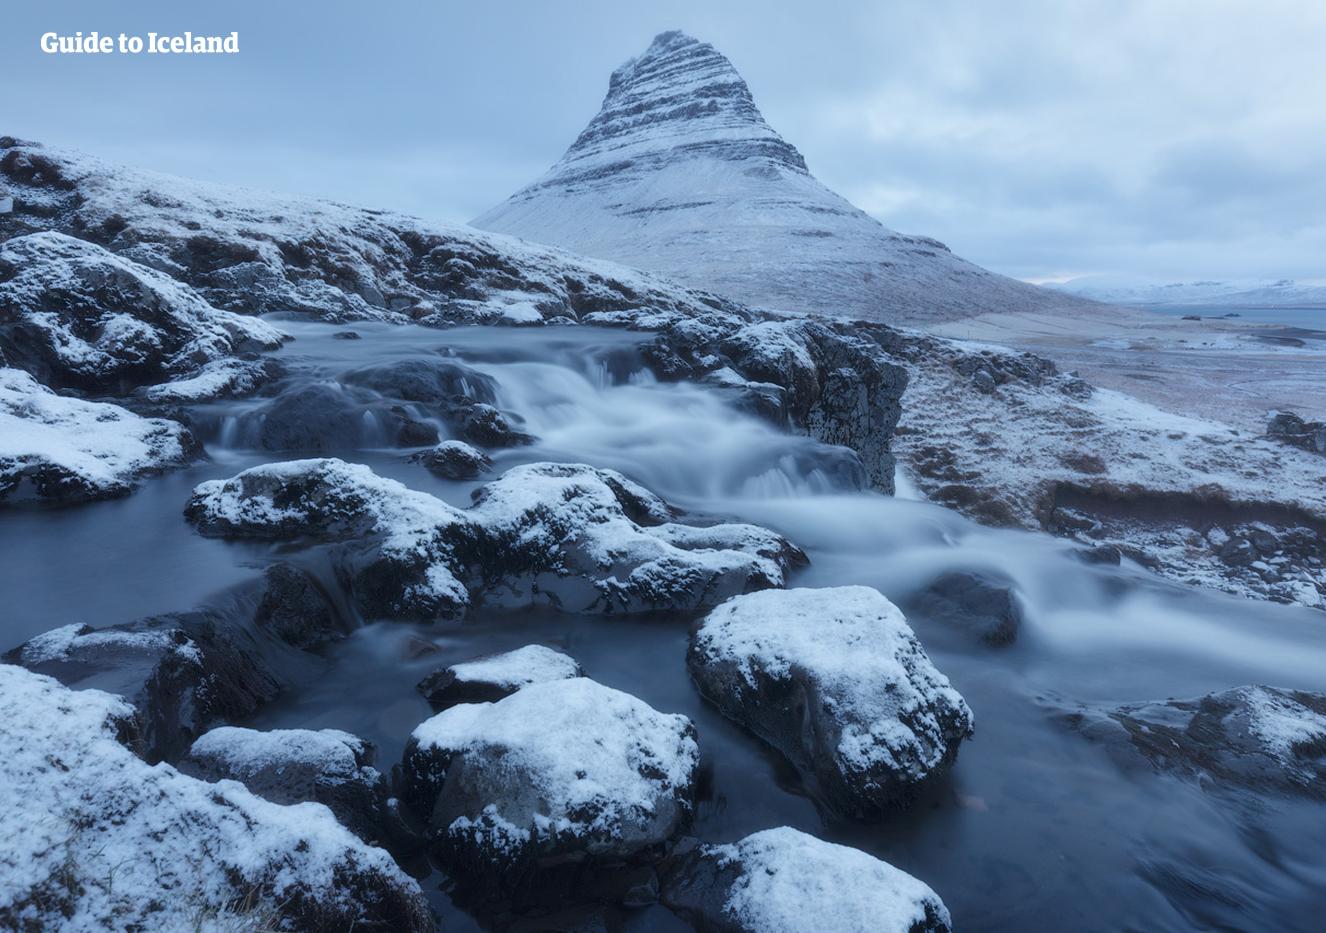 Relaksująca 11-dniowa, zimowa wycieczka z własnym samochodem po południowym wybrzeżu Islandii i Snaefellsnes - day 3